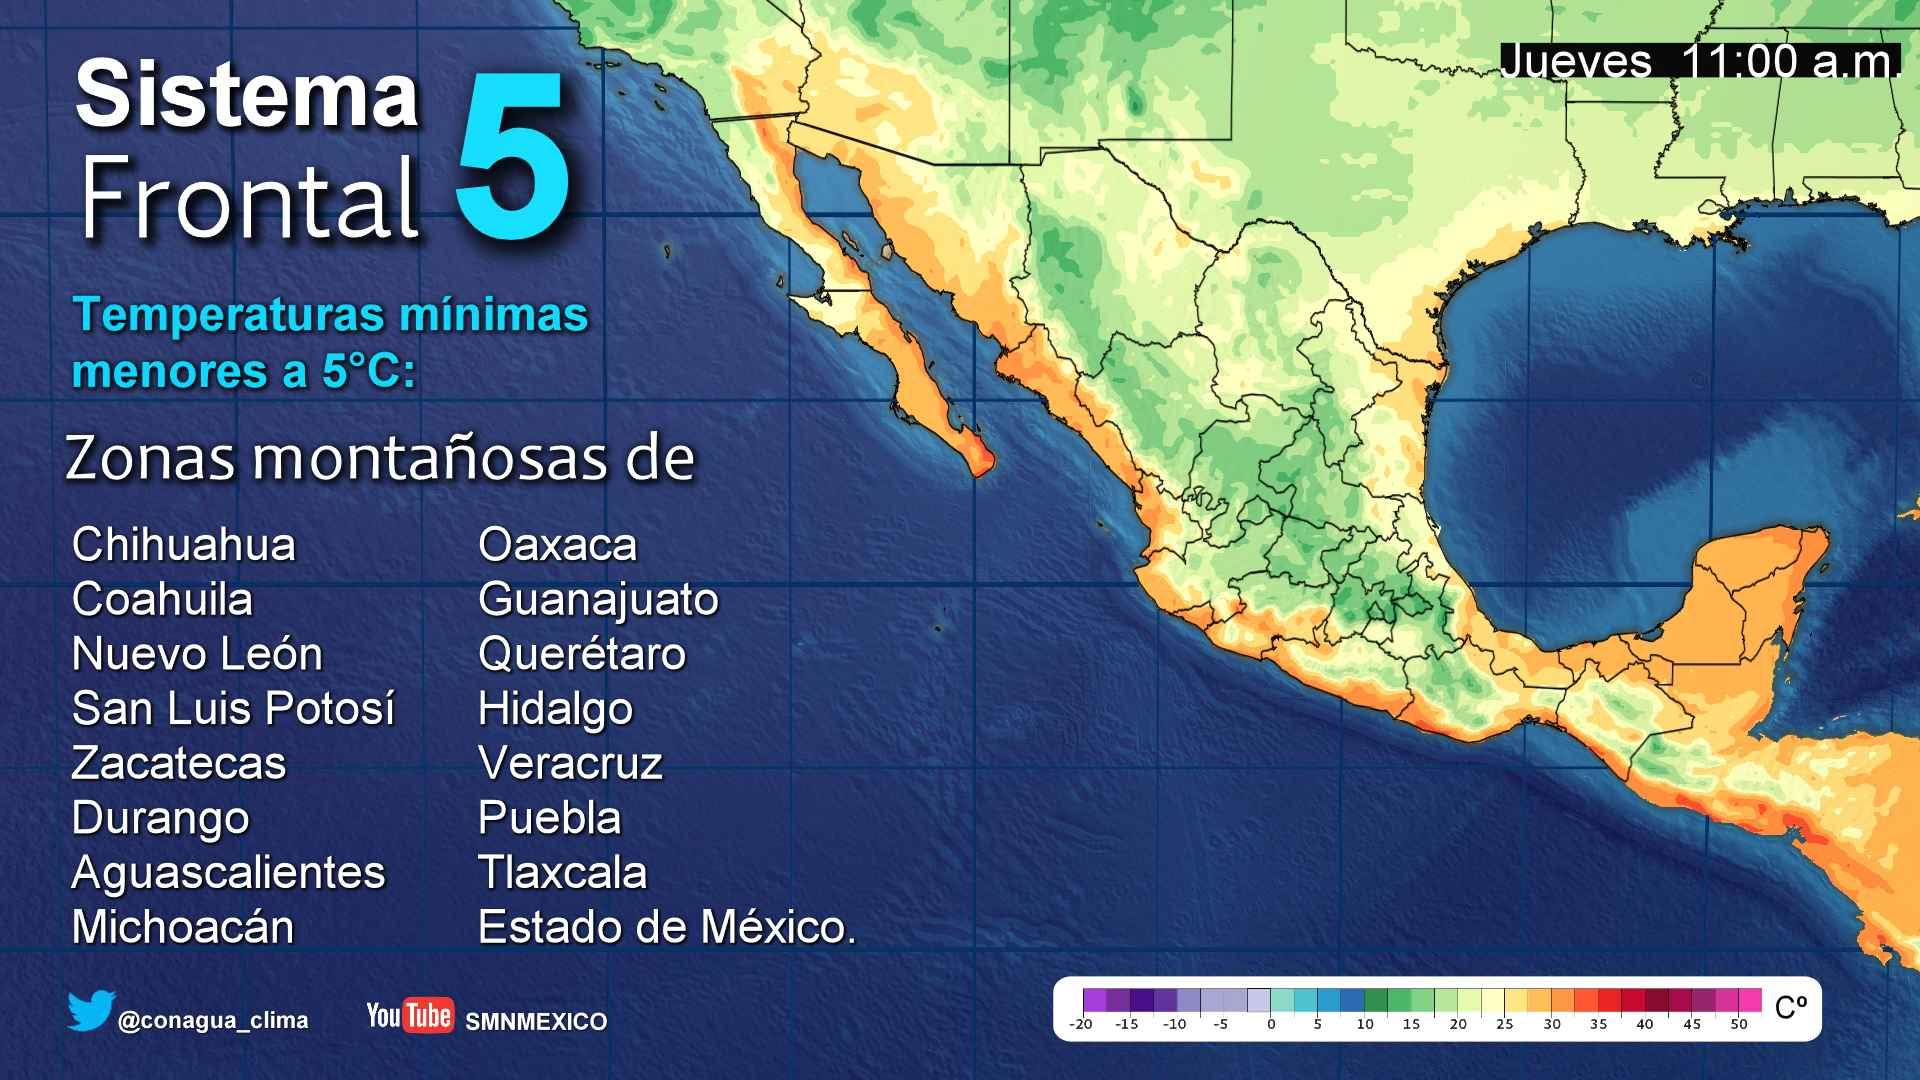 Cielo despejado la mayor parte del día, con intervalos de chubascos vespertinos en Michoacán, este jueves